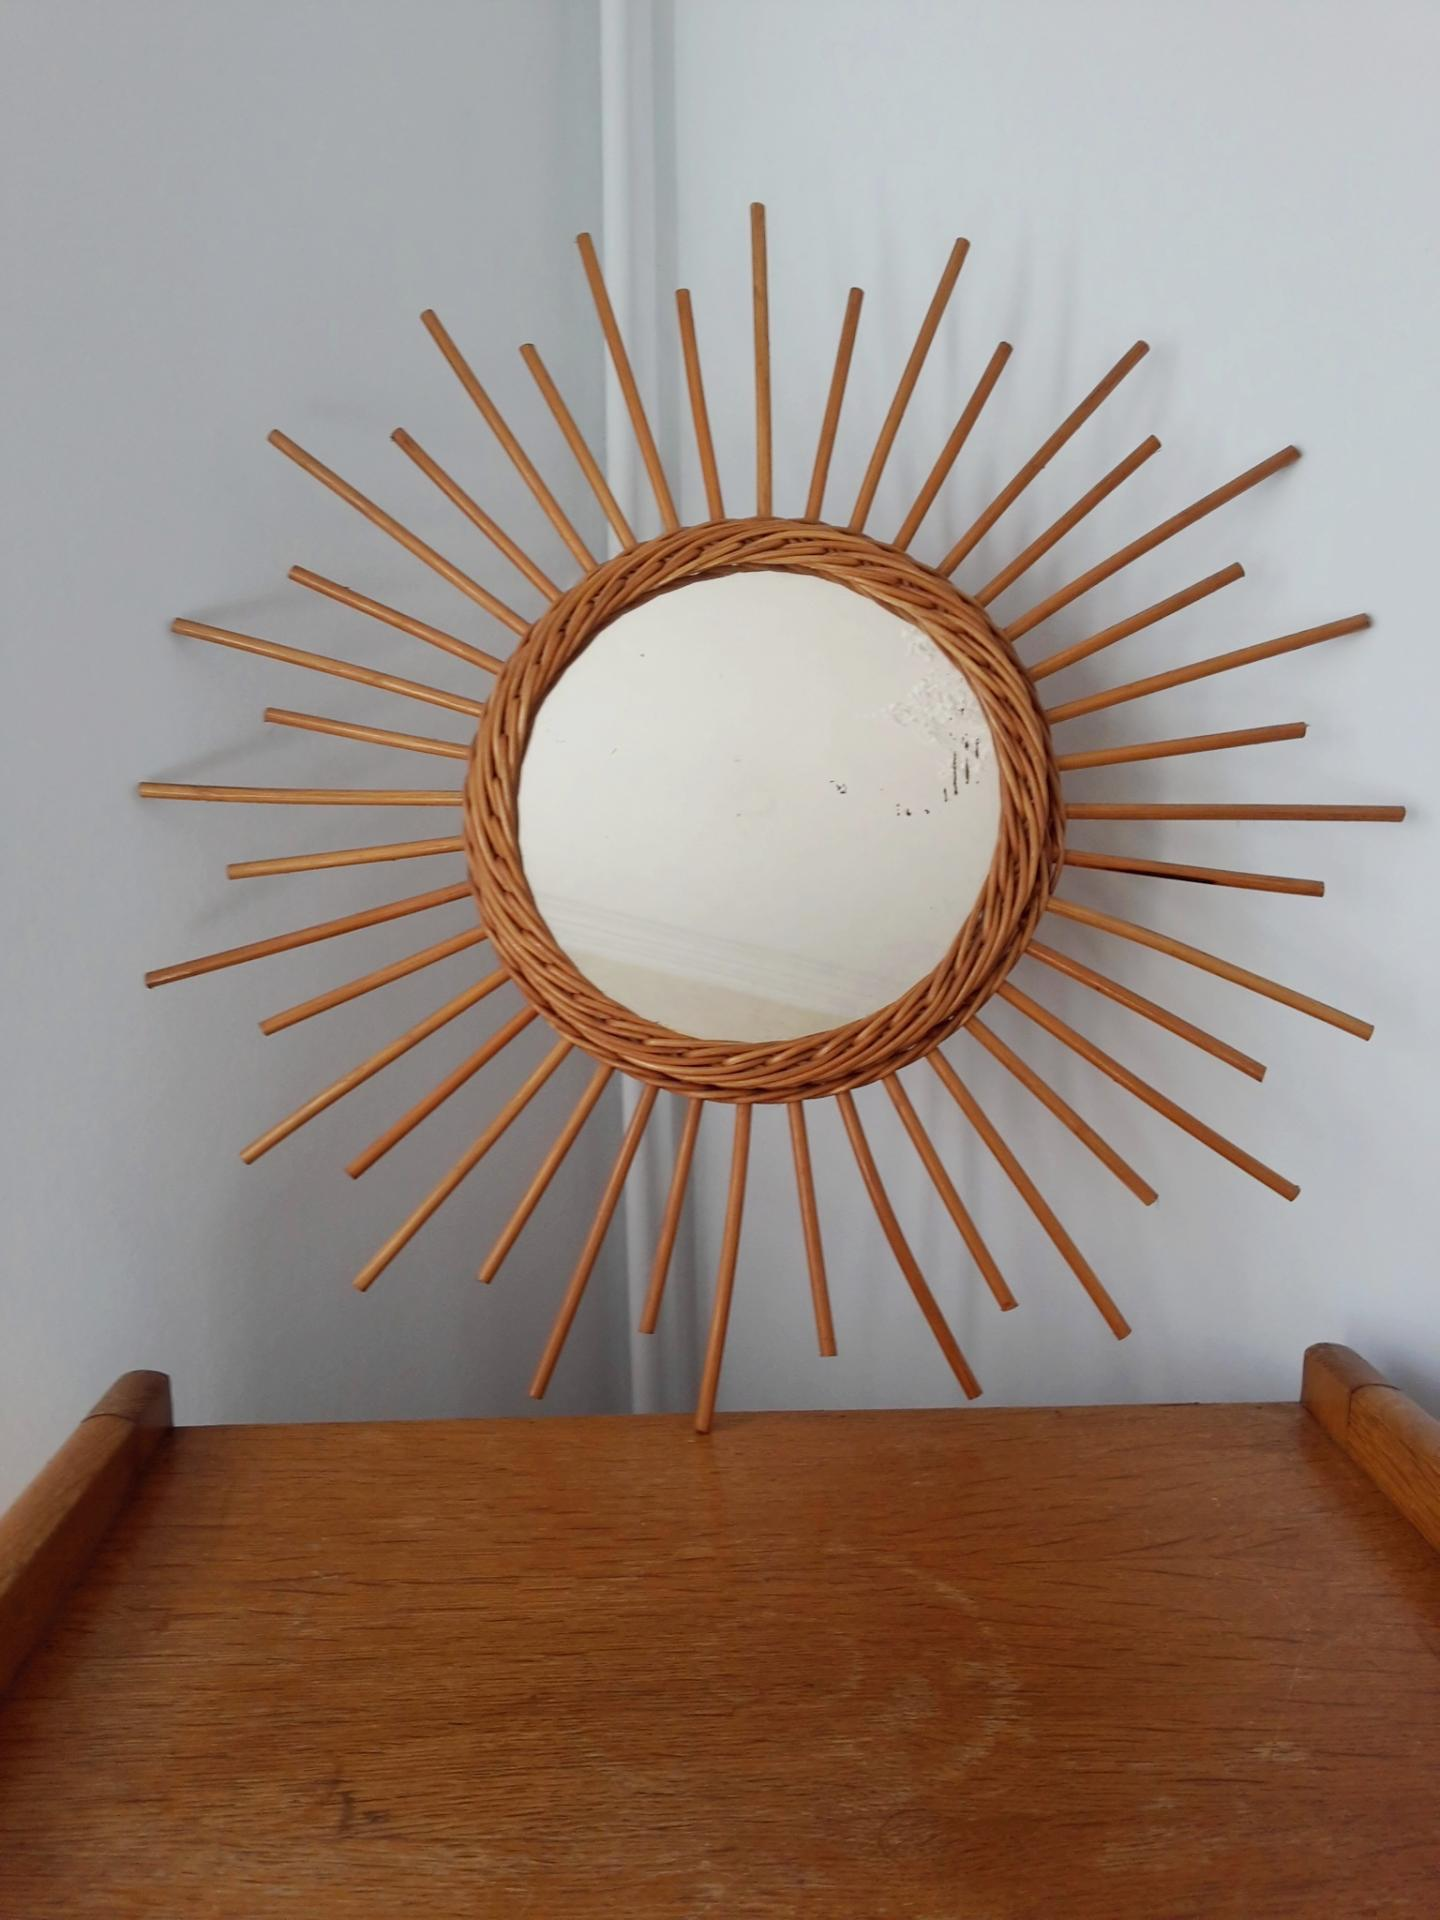 miroir soleil vintage en osier. Black Bedroom Furniture Sets. Home Design Ideas